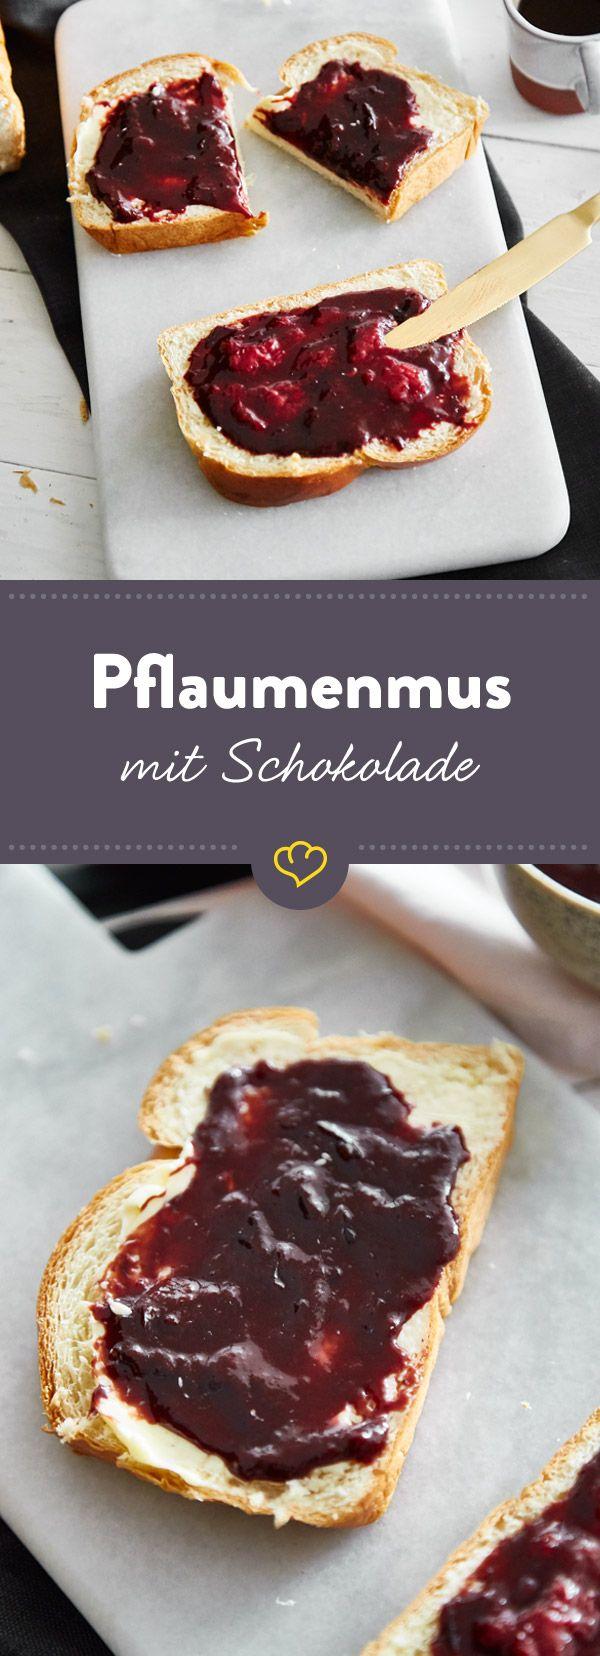 Pflaumenmus Deluxe Mit Schokolade Kardamom Und Zimt Rezept Pflaumenmus Pflaume Essen Und Trinken